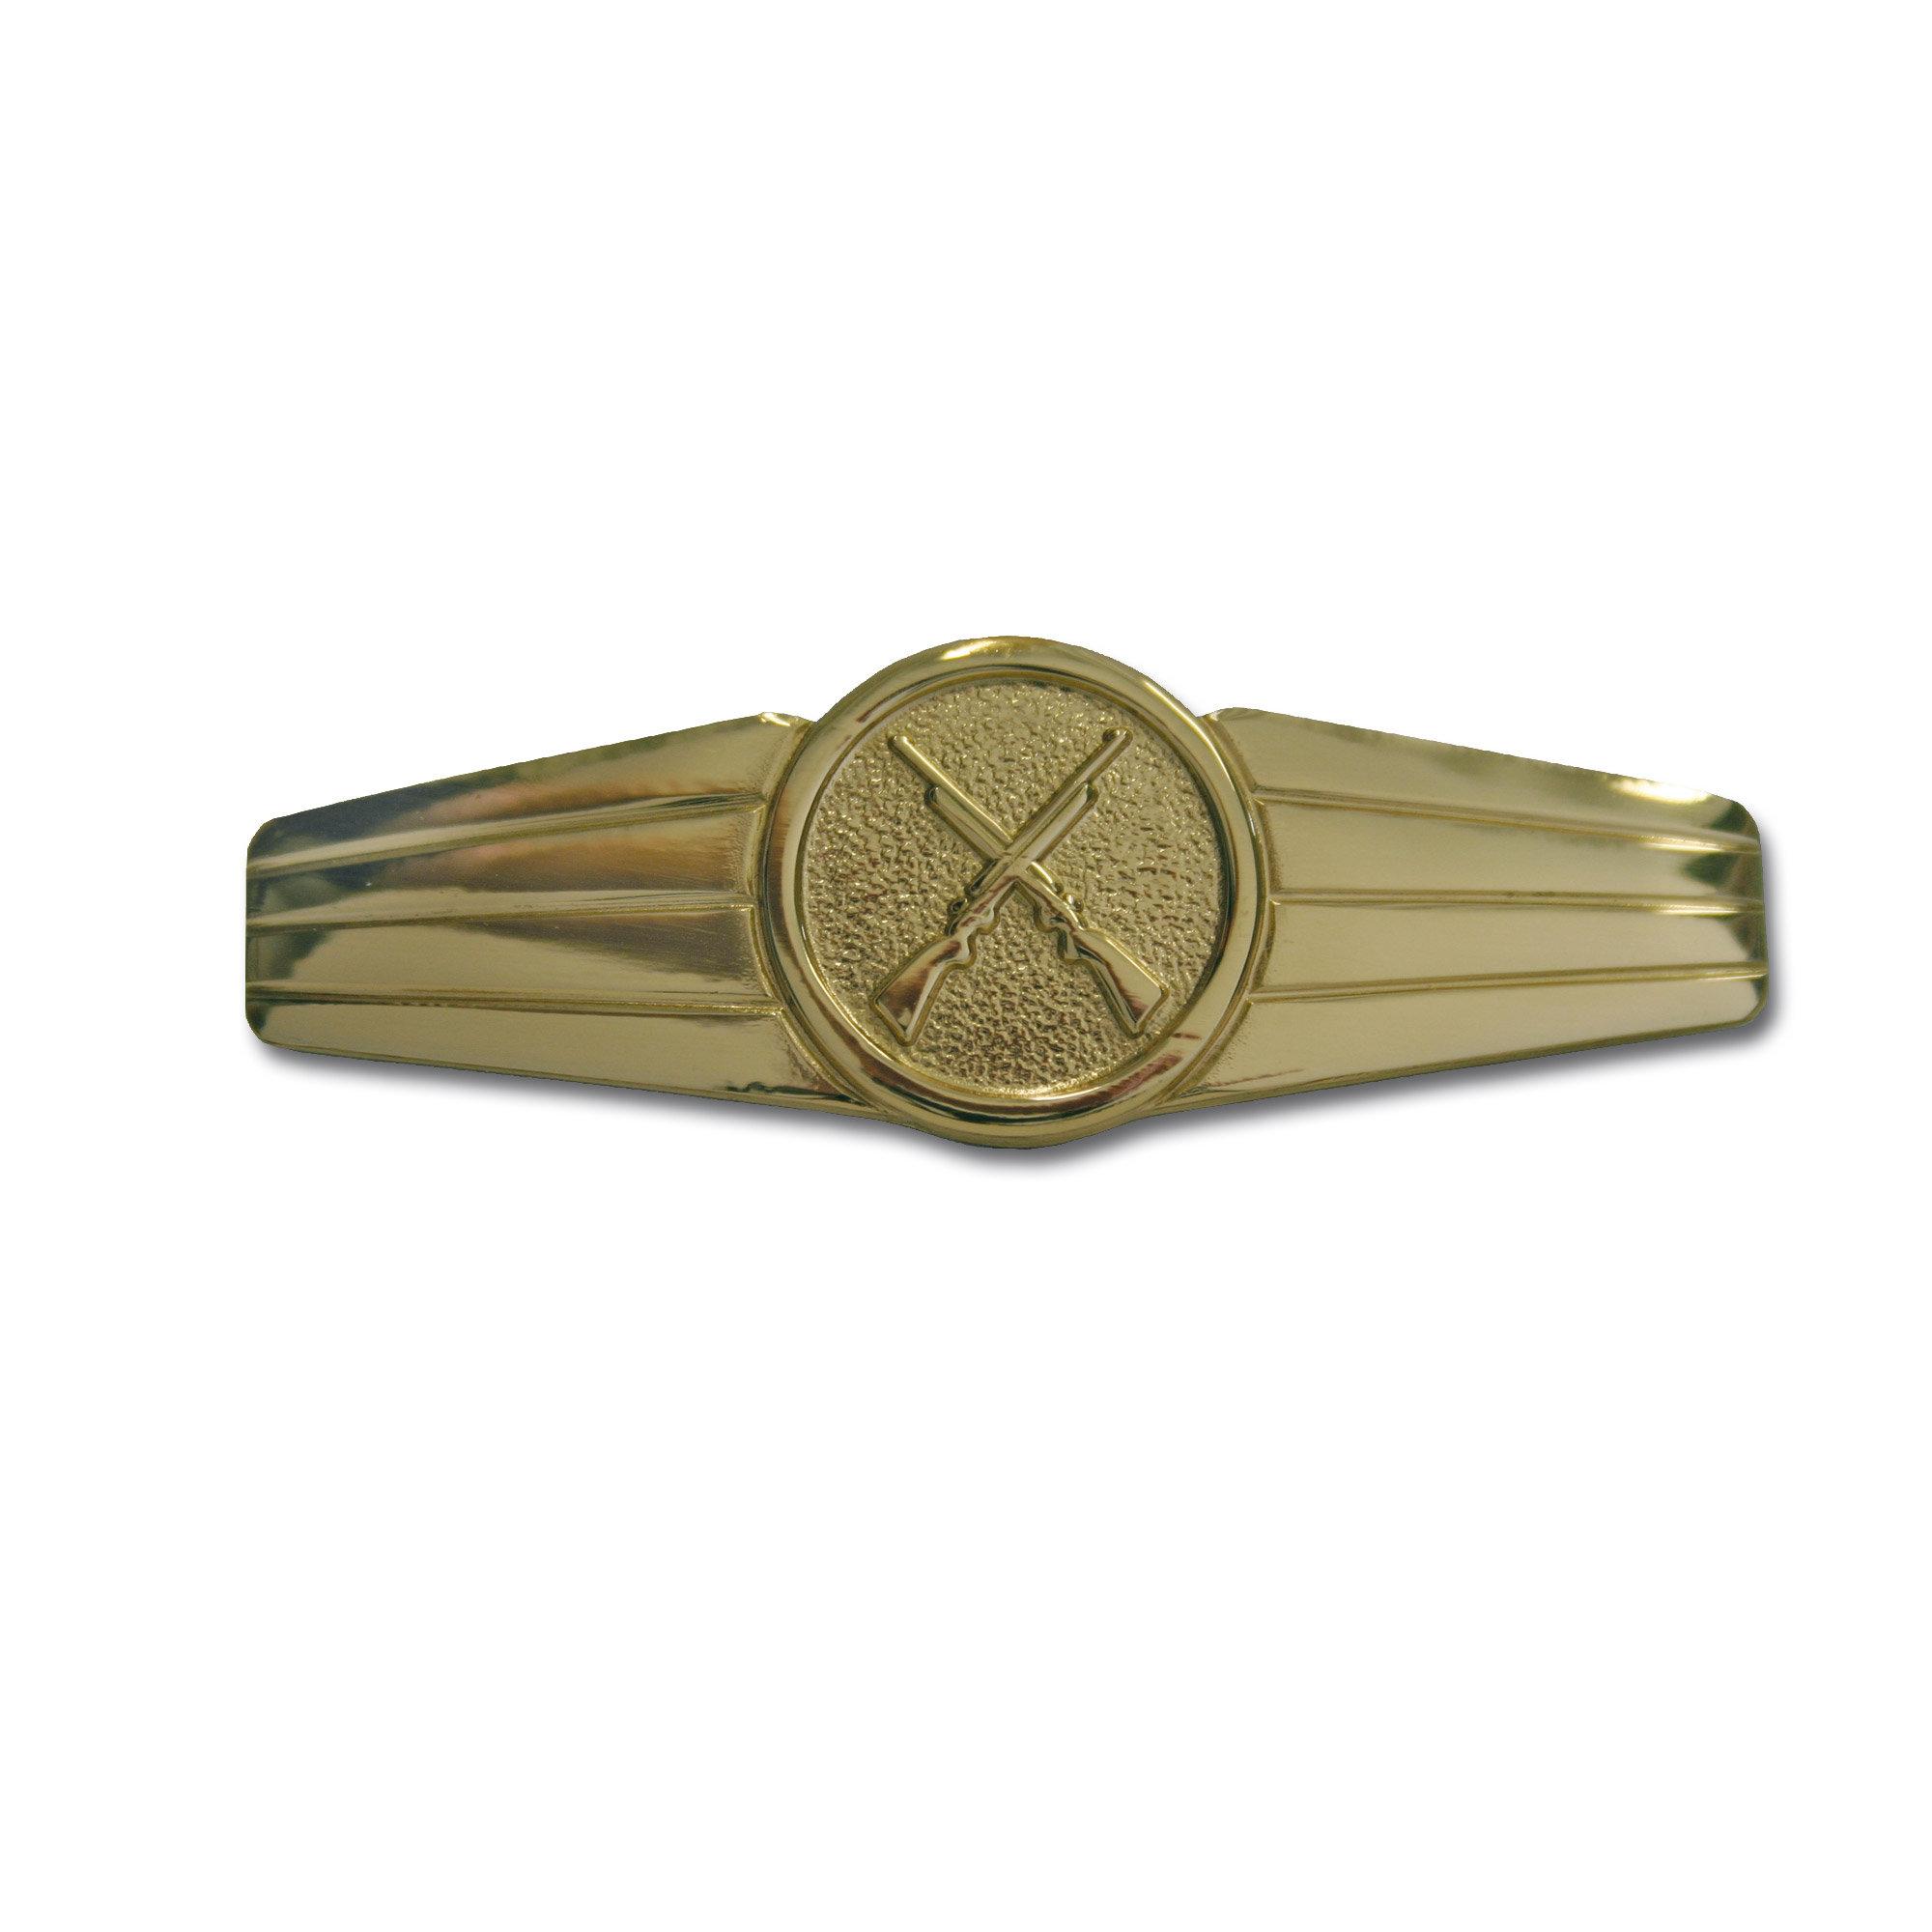 Abz. BW Sicherungspersonal Metall gold (neu)